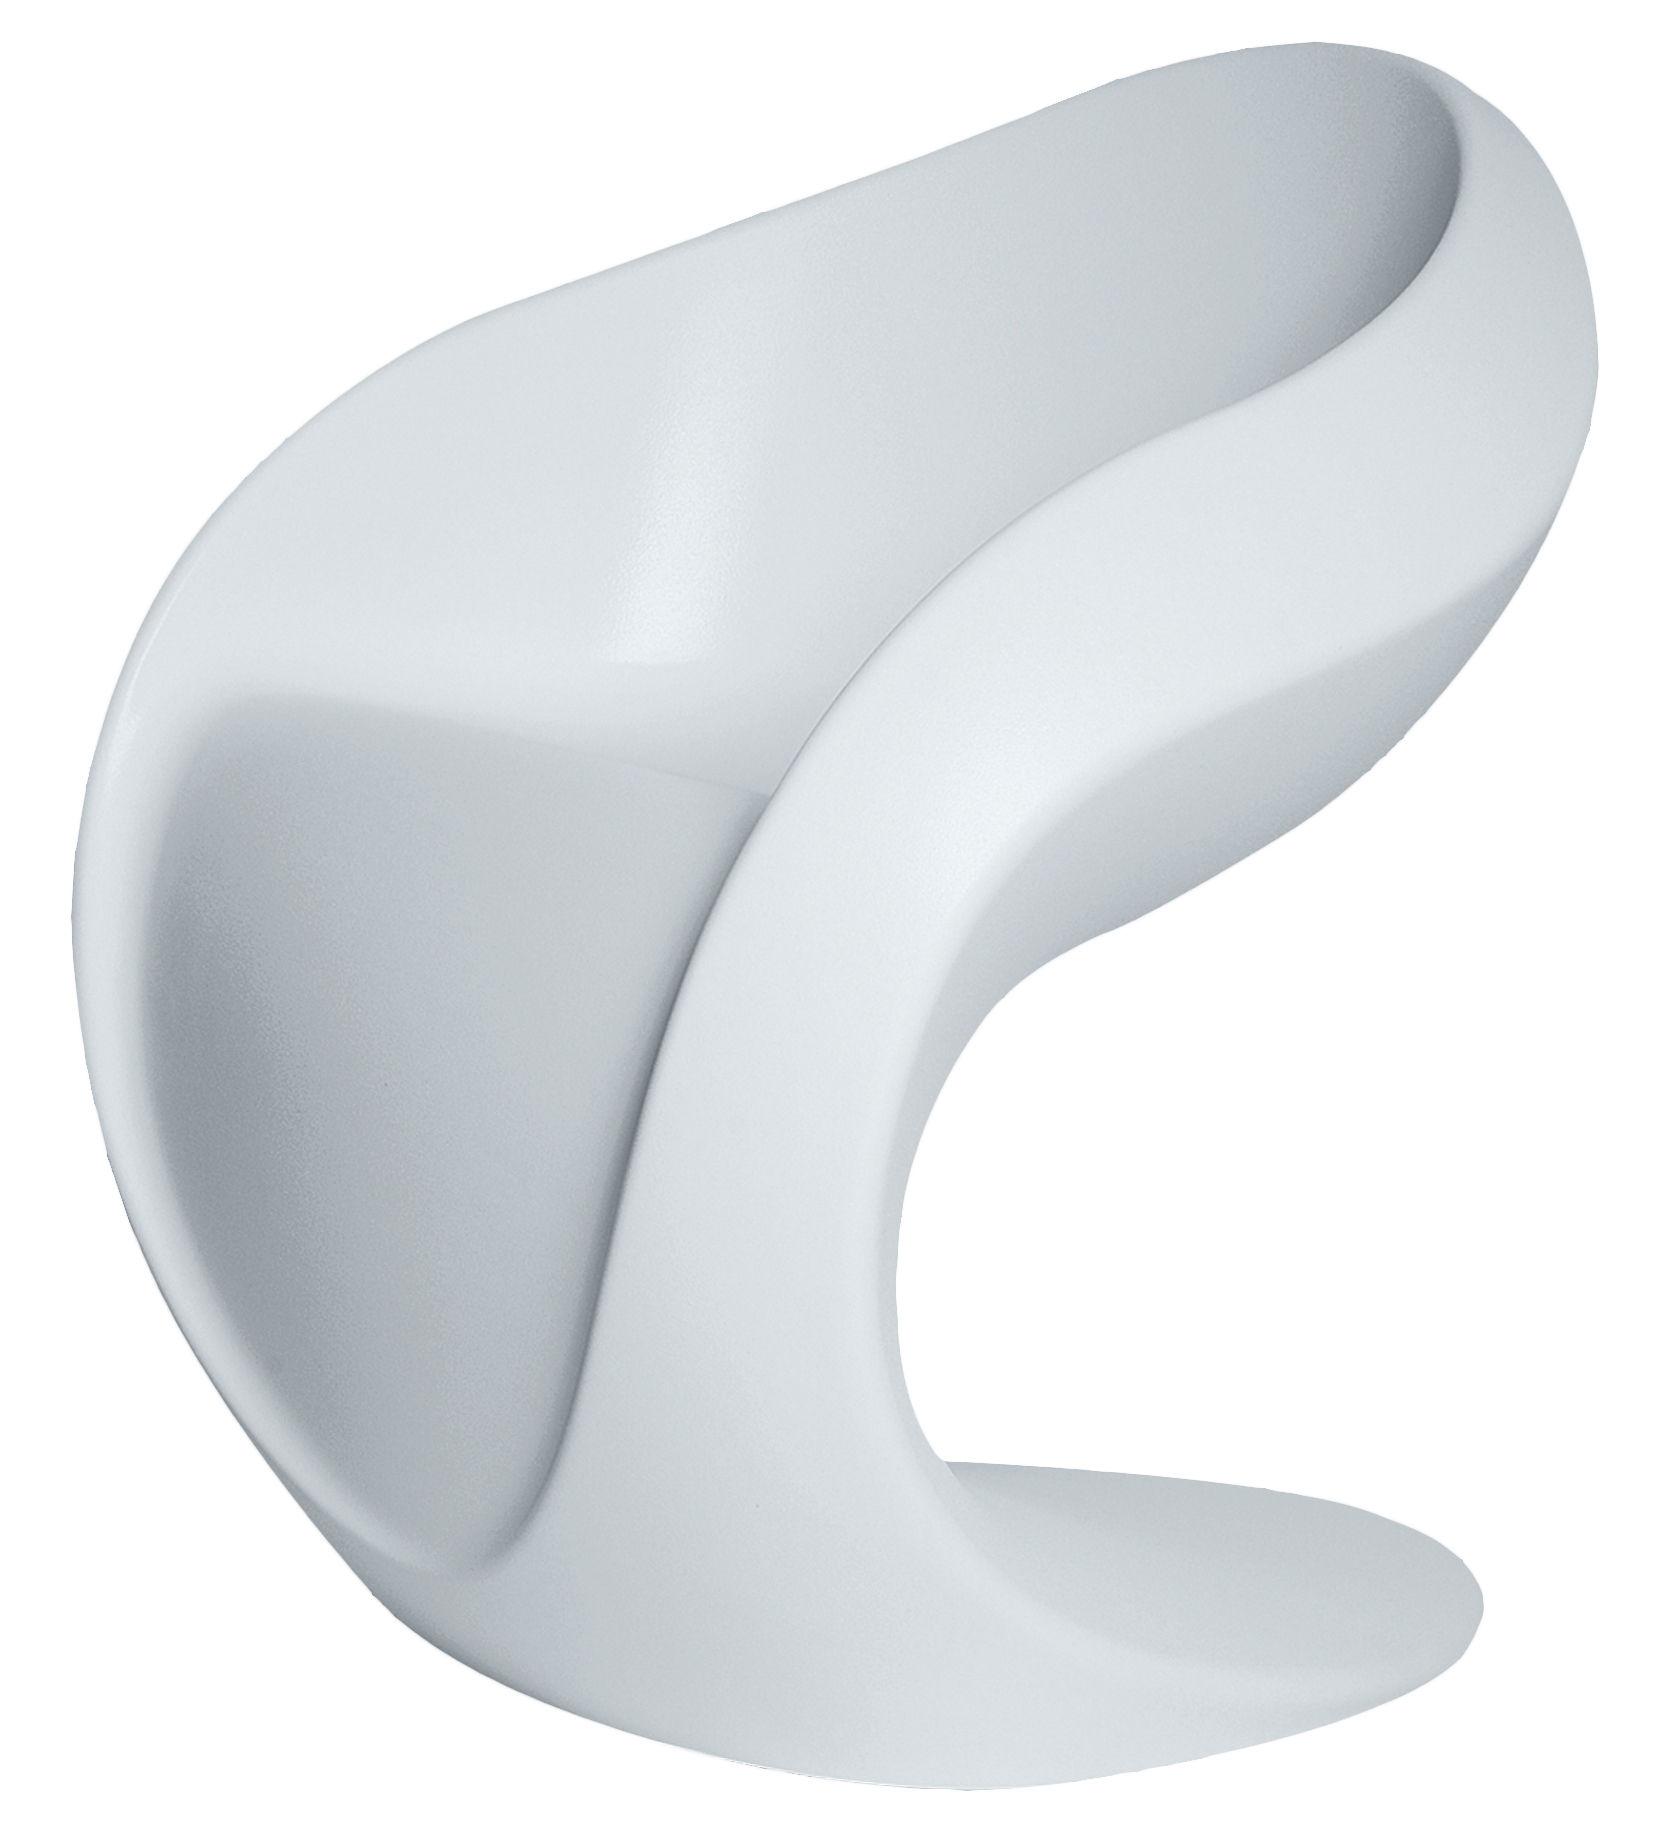 fauteuil miss petra plastique blanc myyour. Black Bedroom Furniture Sets. Home Design Ideas